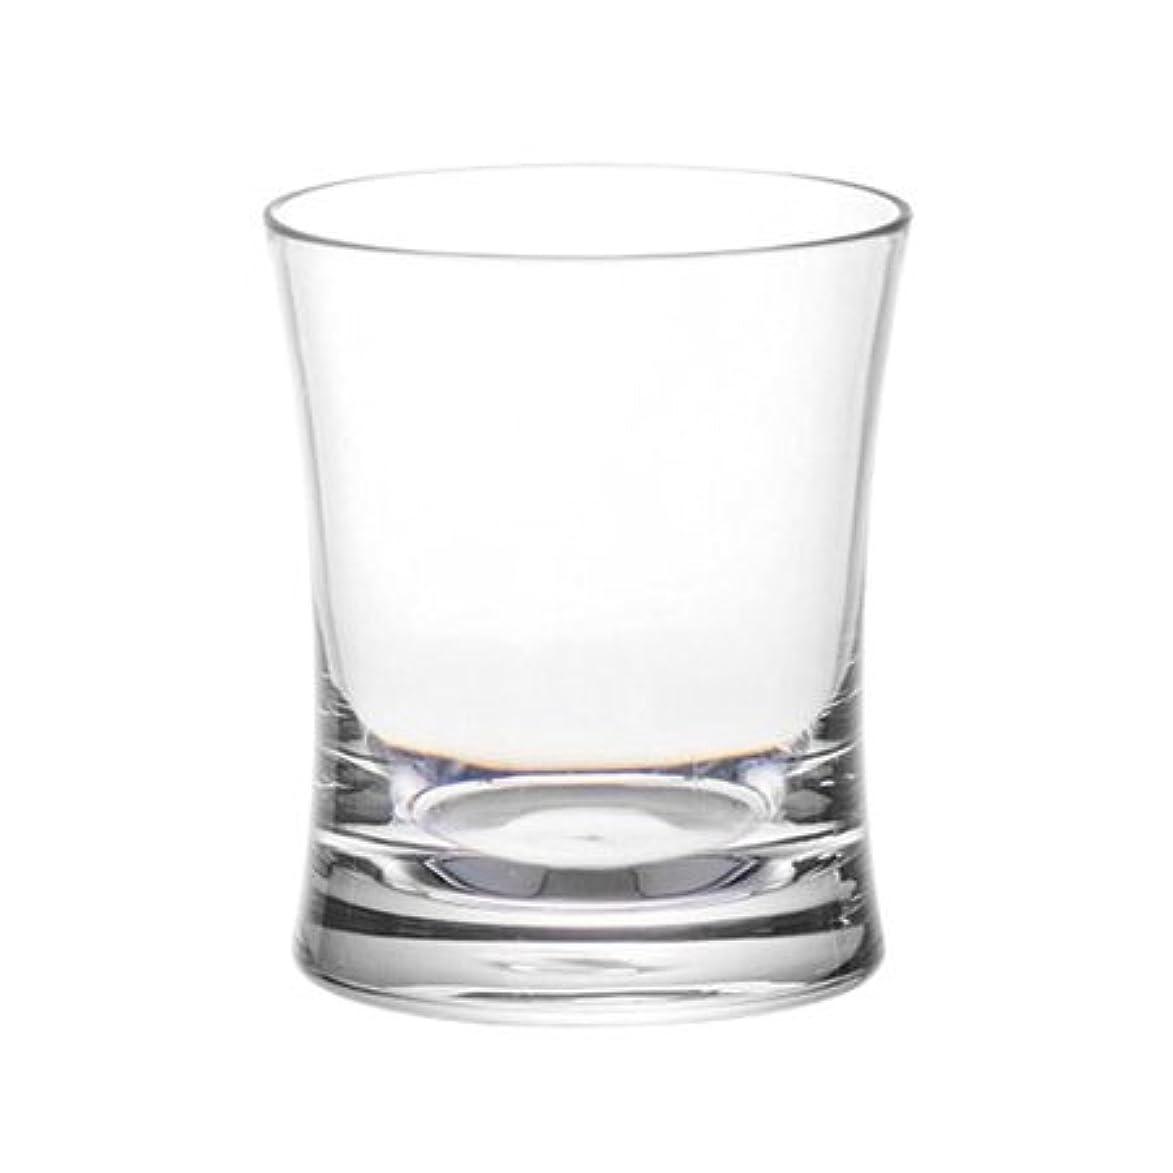 大胆なコードレスこねるMLV グラス ホリデーシリーズ ロック S080(2ヶ入)